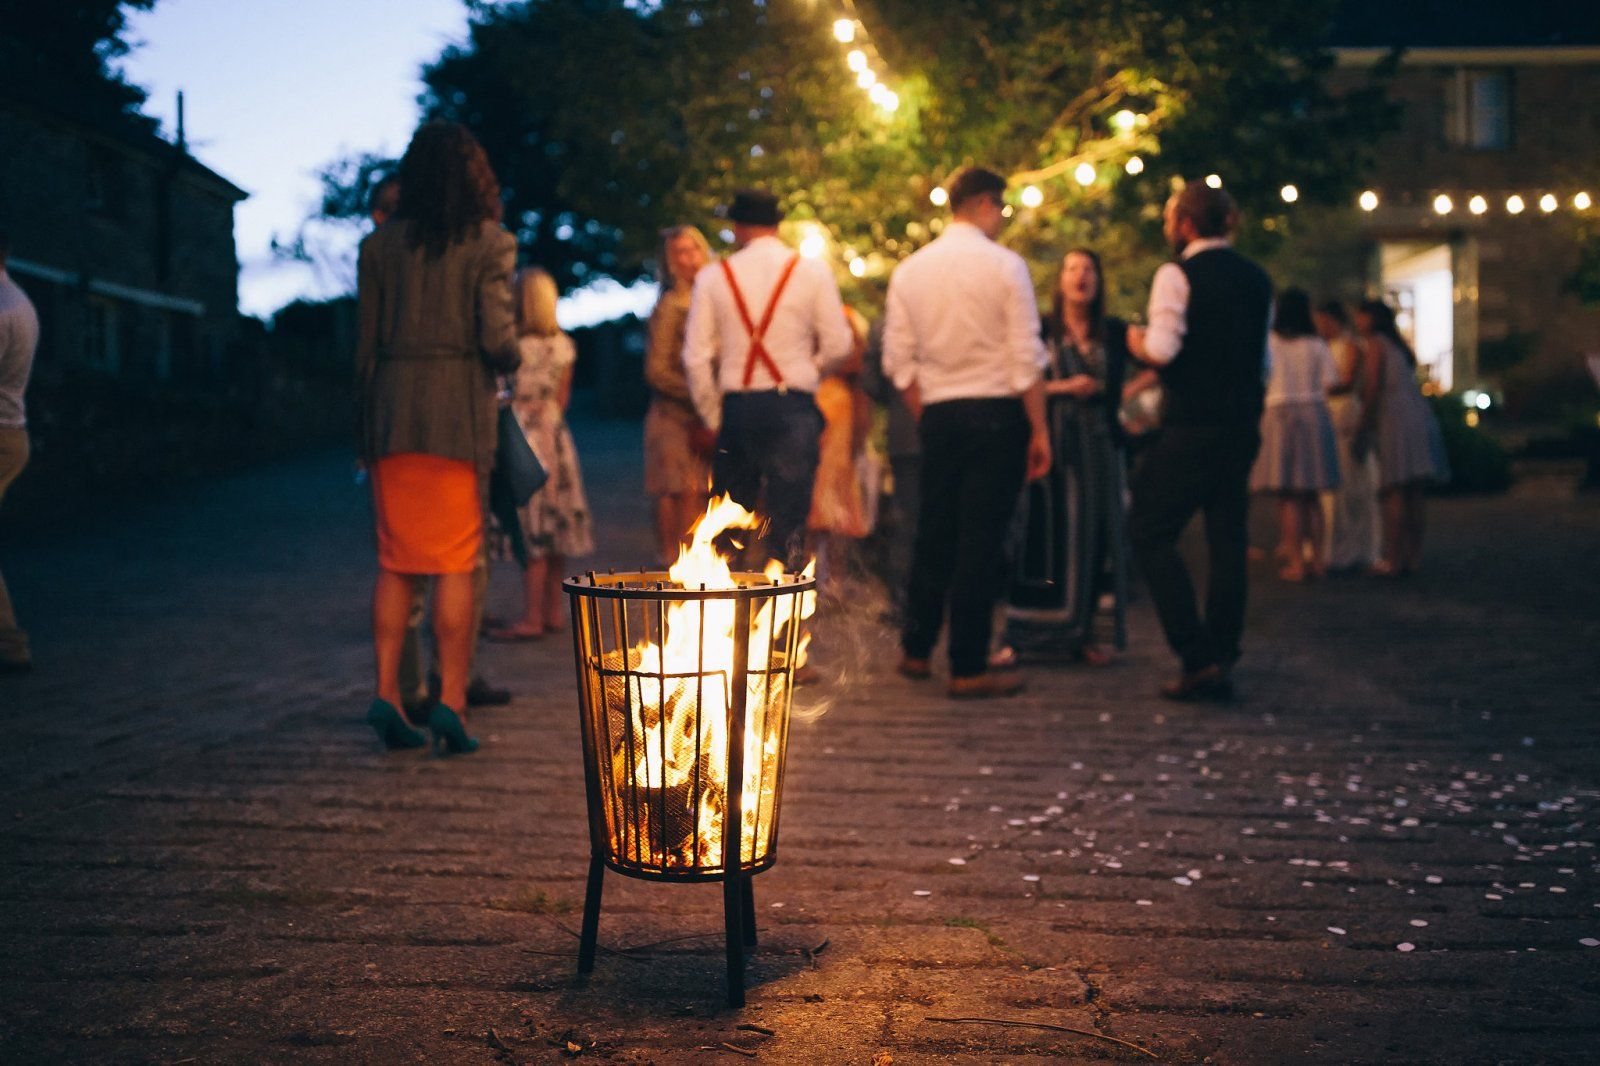 Trenderway Farm Wedding Venue In Devon On Wedding Planner